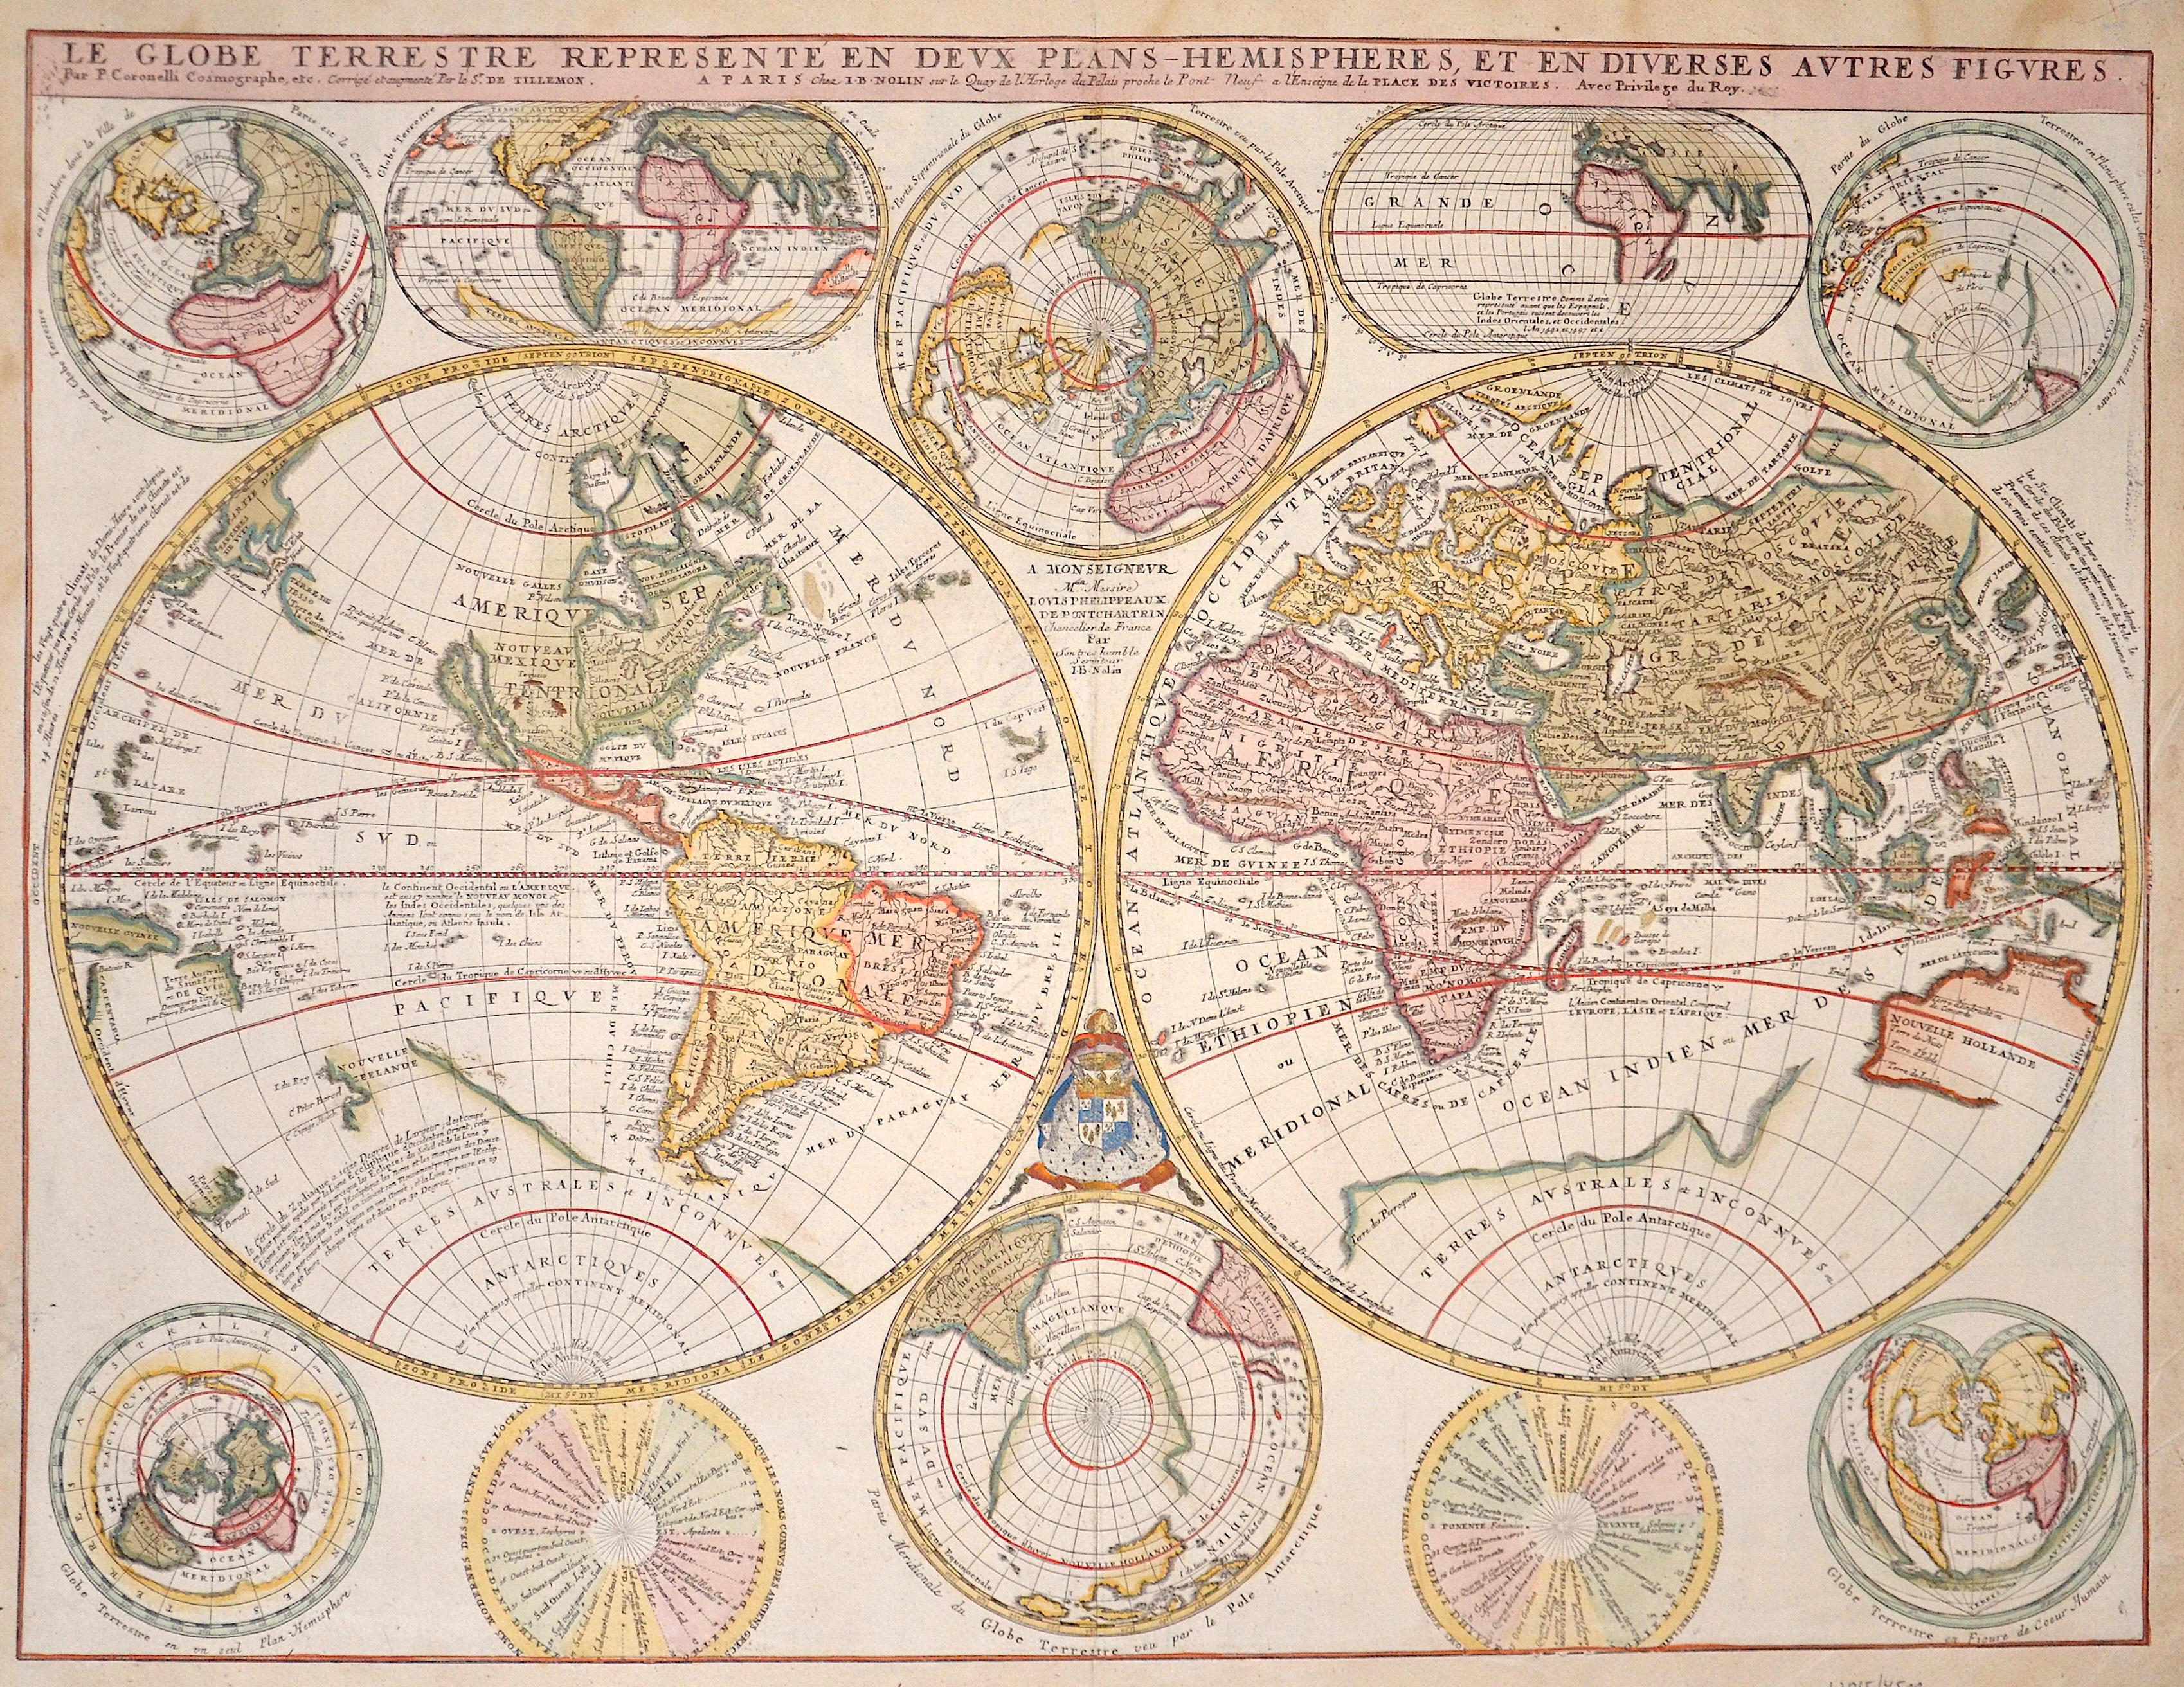 Nolin/Coronelli Jean Baptiste Le Globe Terrestre representé en duex plans- Hemispheres, et en diverses autres figures